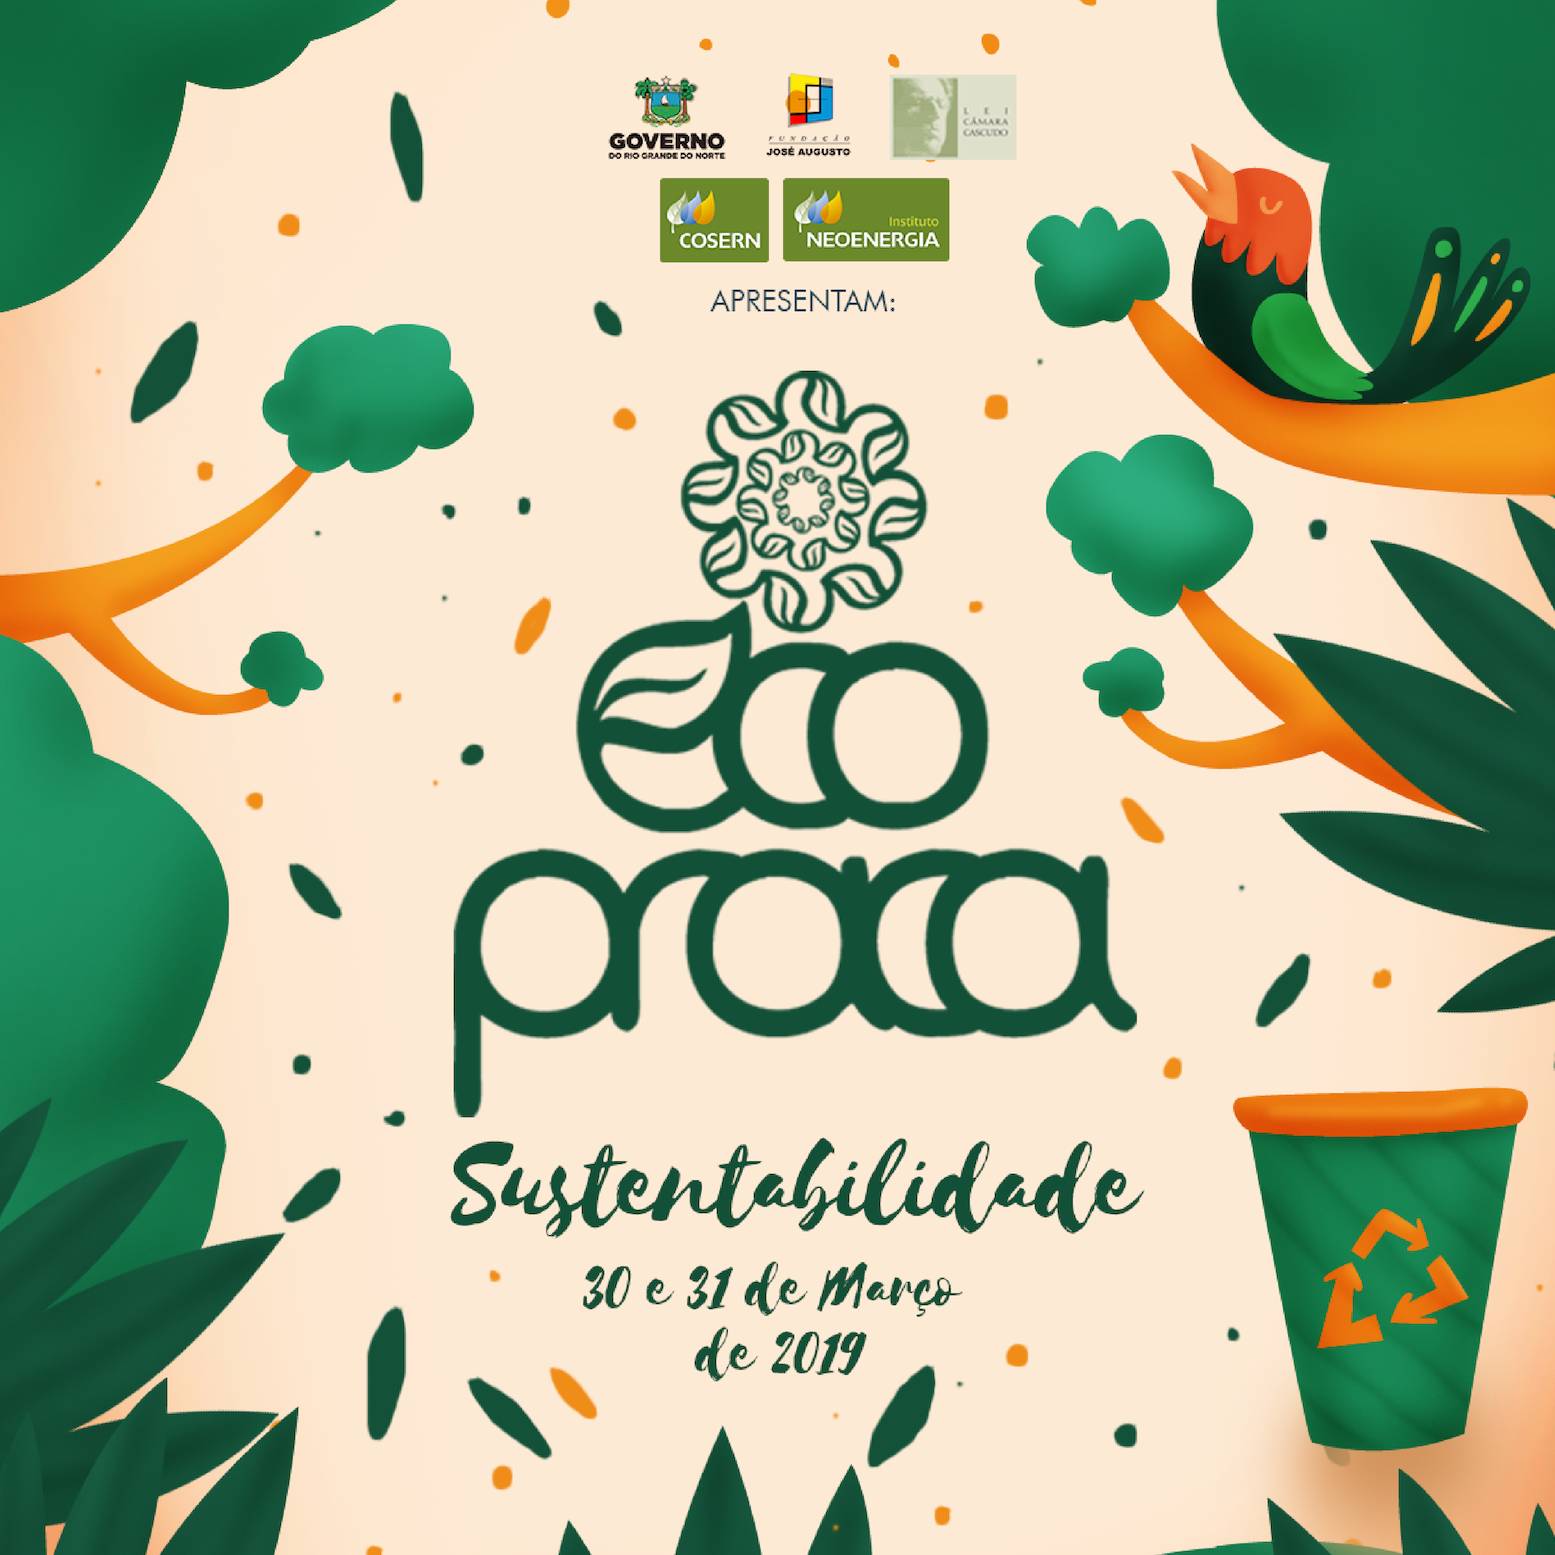 Na Praça do Floca, Eco Praça promoverá evento voltado para sustentabilidade